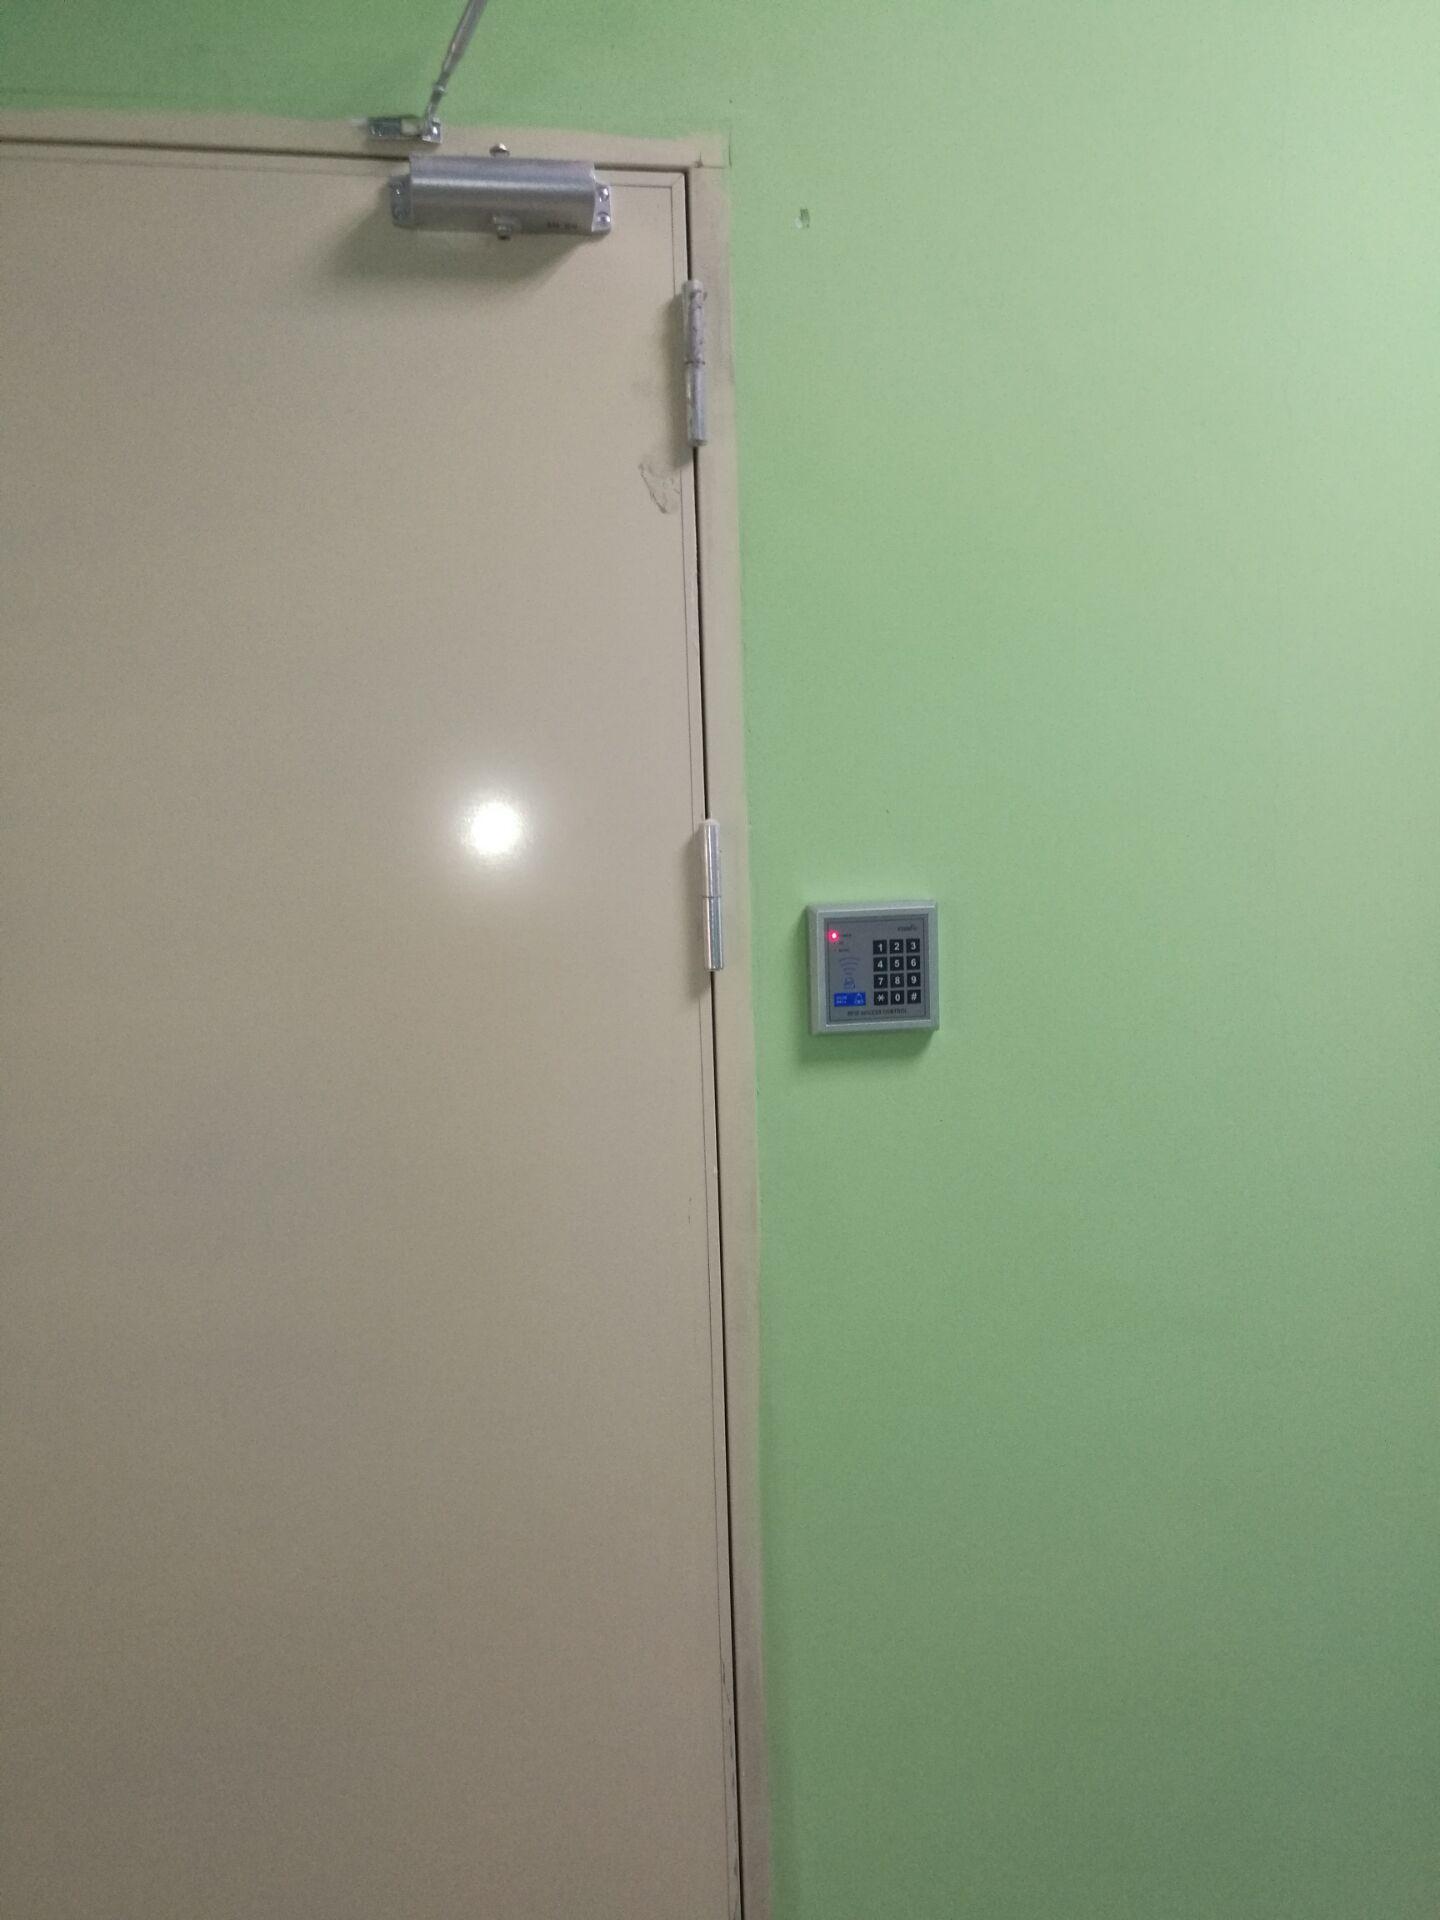 深圳市晶汉达电子有限公司独立门禁系统一套